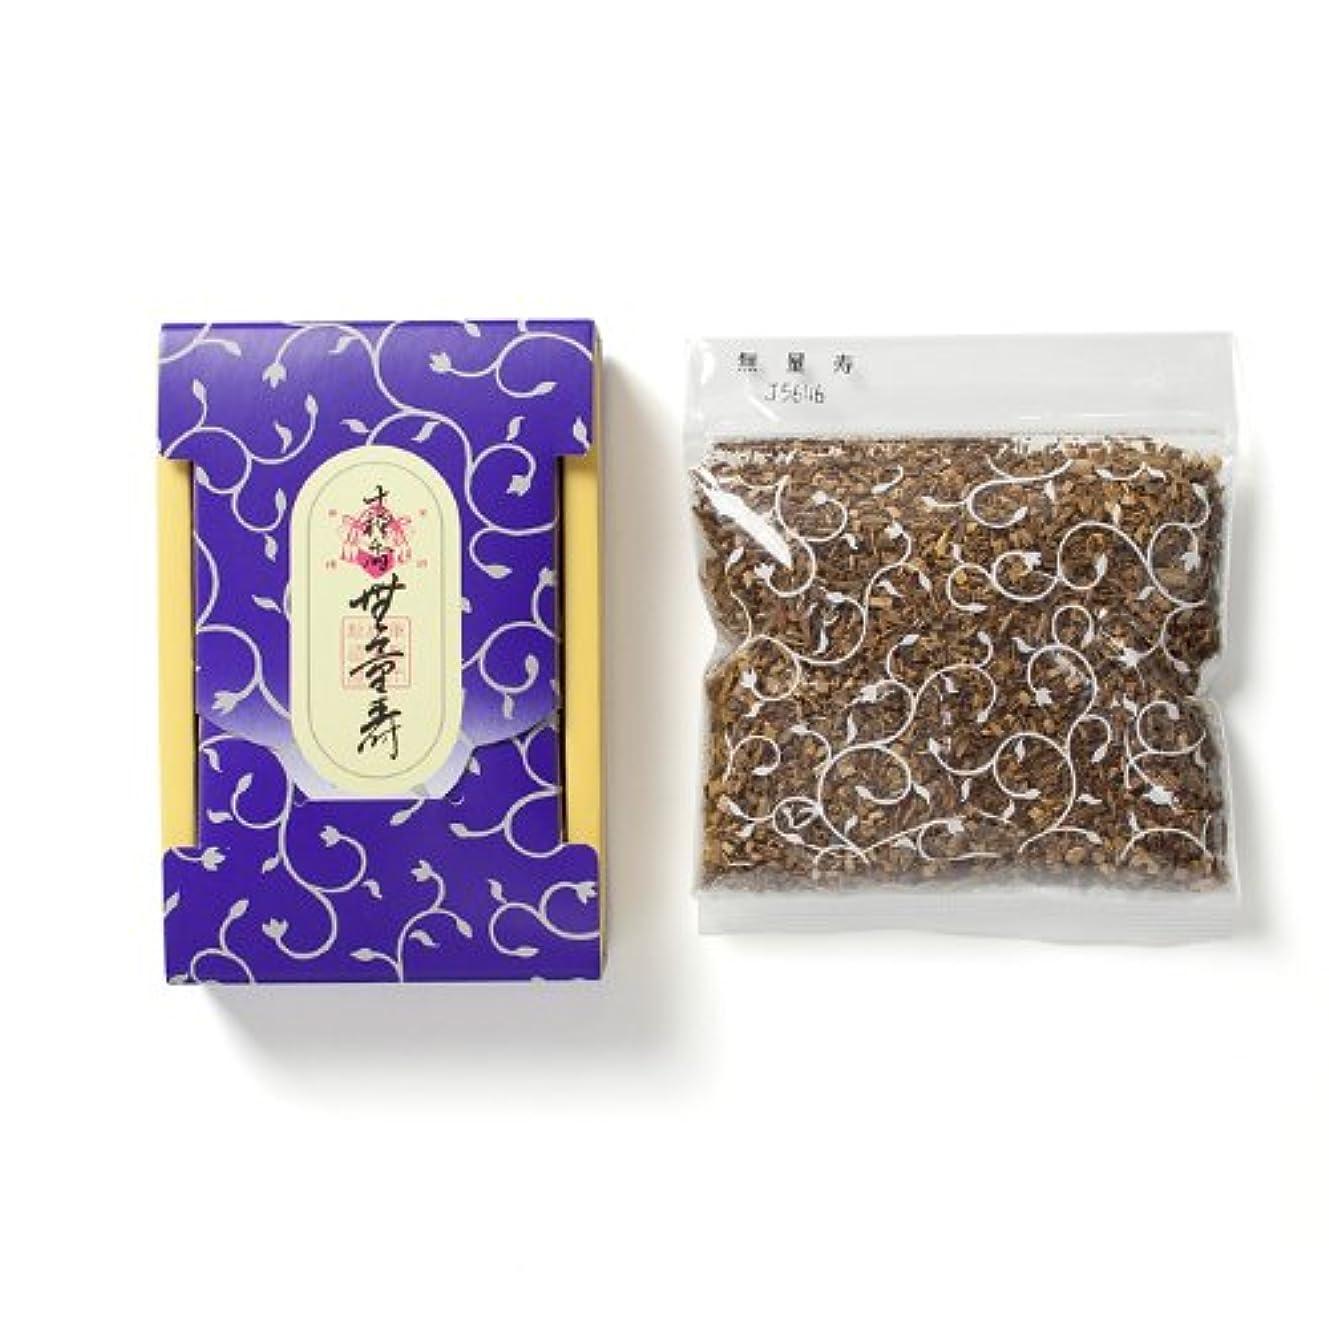 回転させる化学薬品酸化する松栄堂のお焼香 十種香 無量寿 25g詰 小箱入 #410841